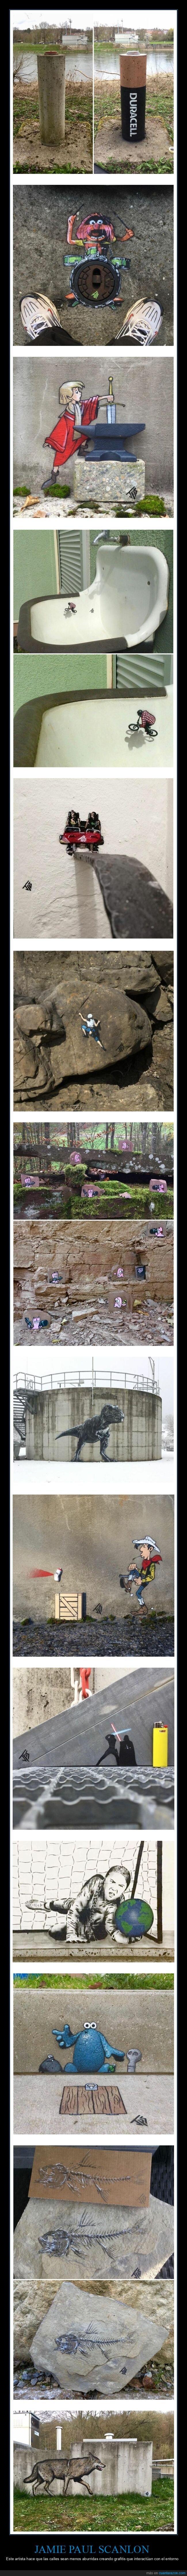 arte urbano,entorno,jamie paul scanlon